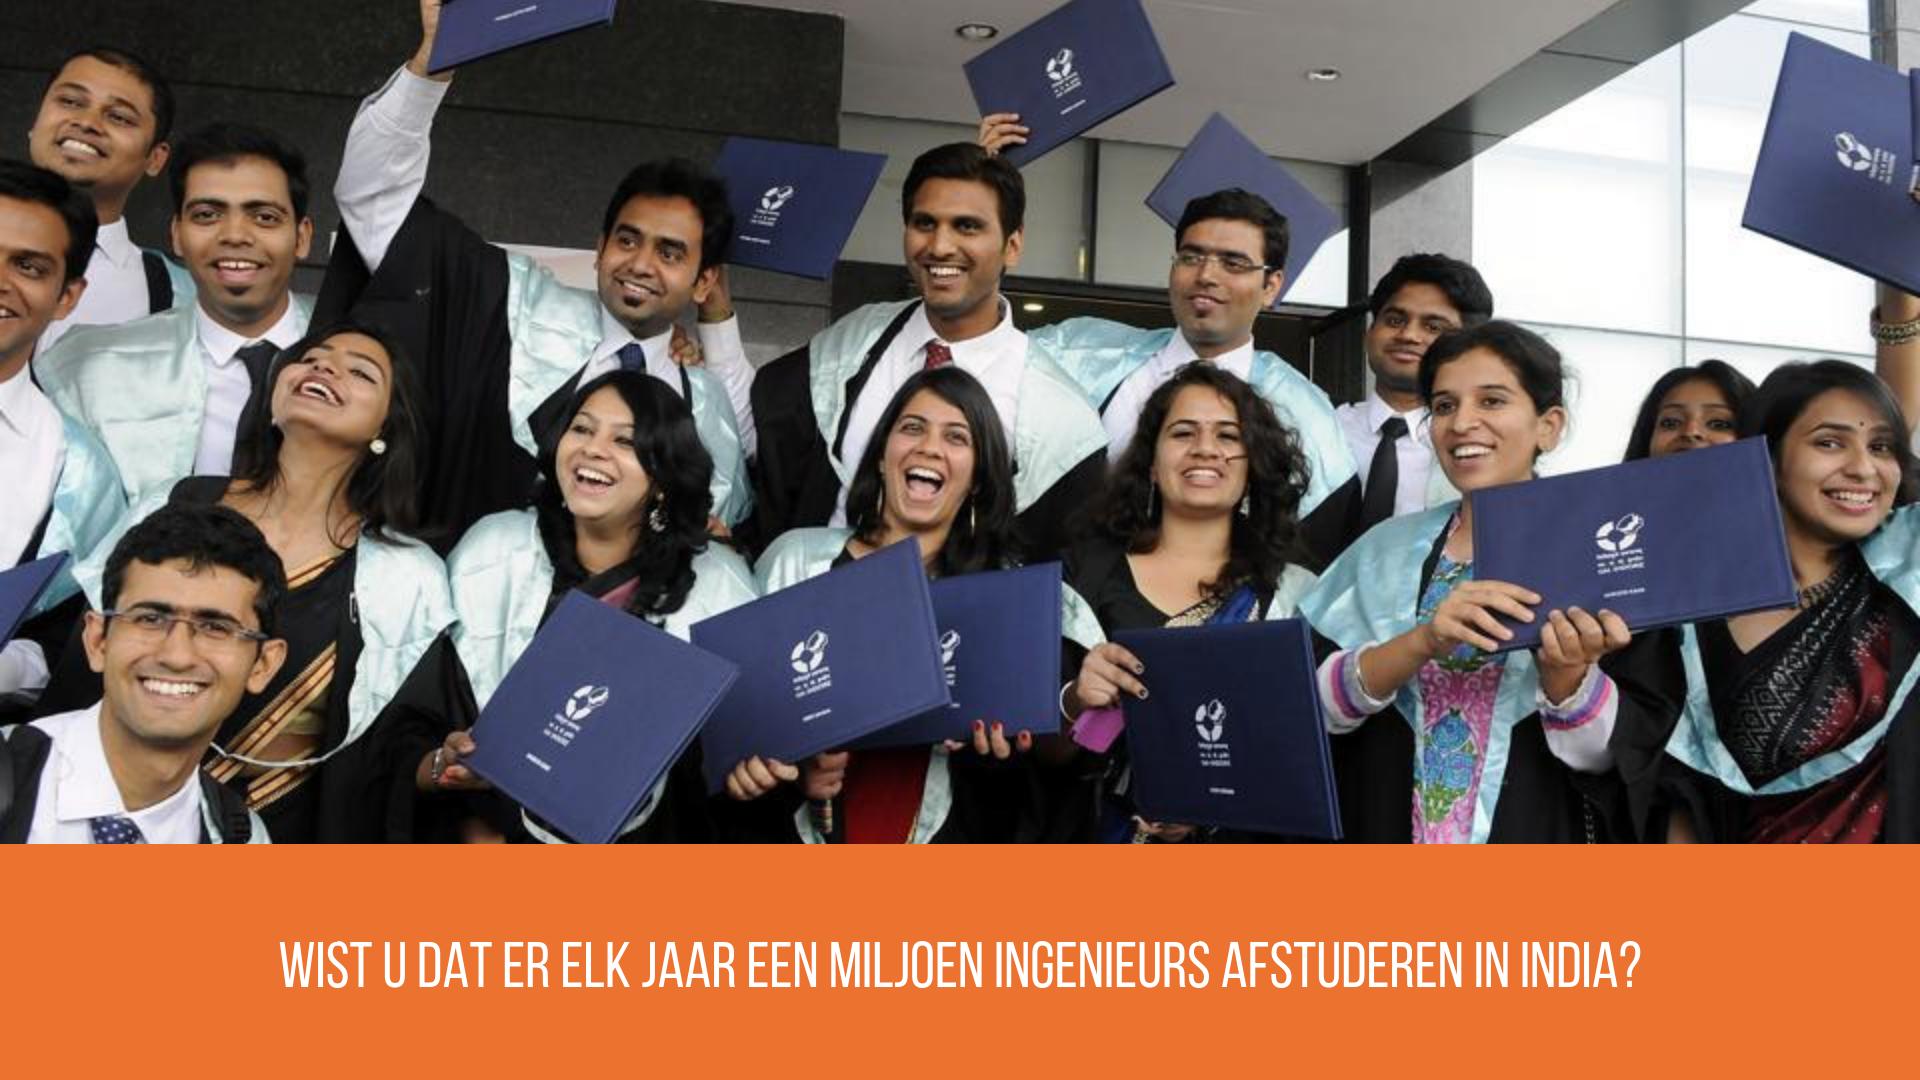 Studenten in India studeren af op technische studies